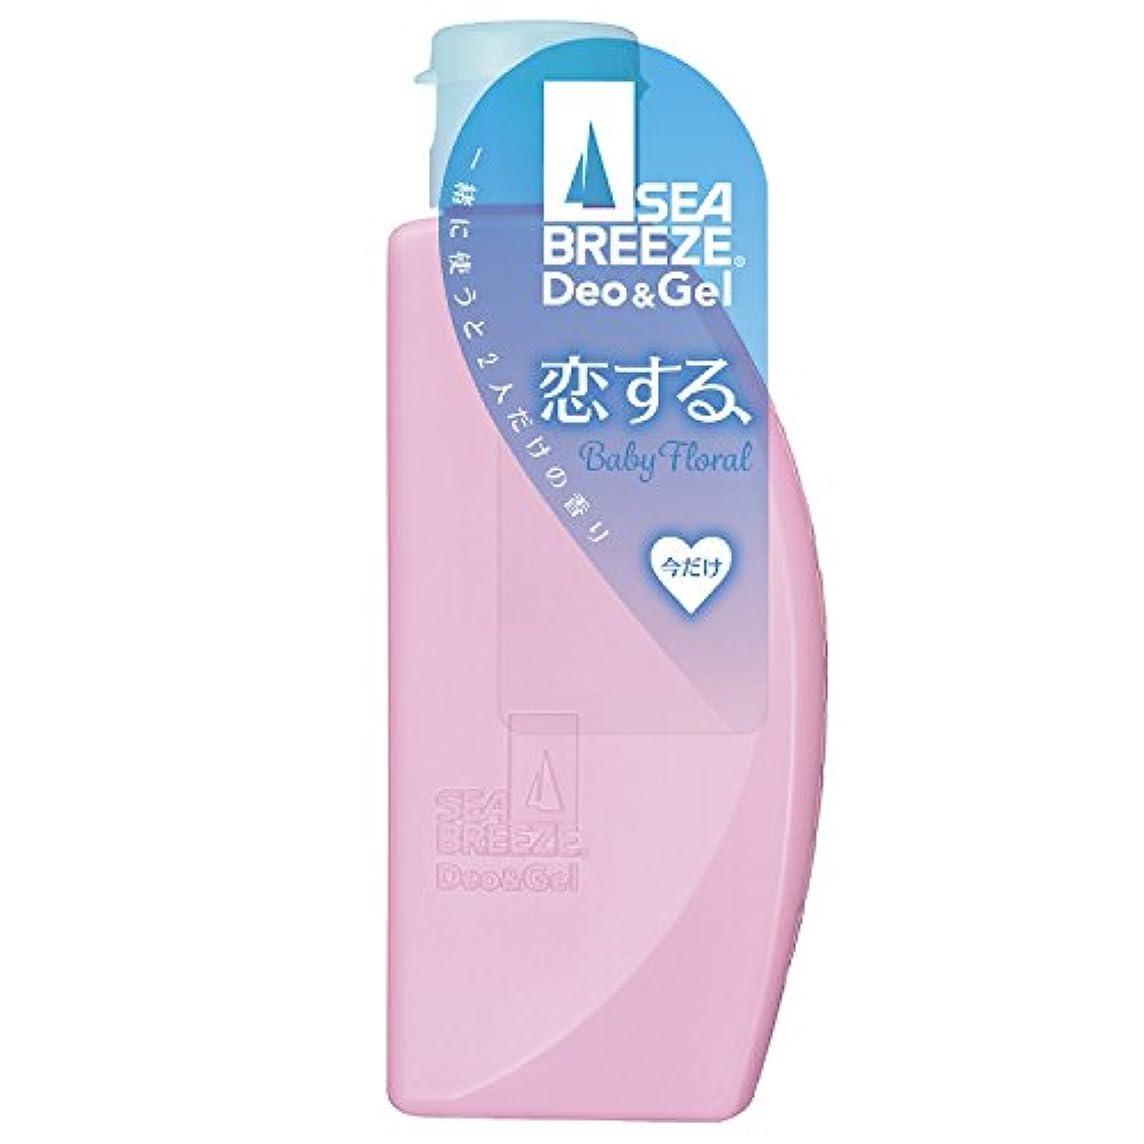 発揮する細分化する抑制するシーブリーズ デオ&ジェル ベビーフローラルの香り 100ml